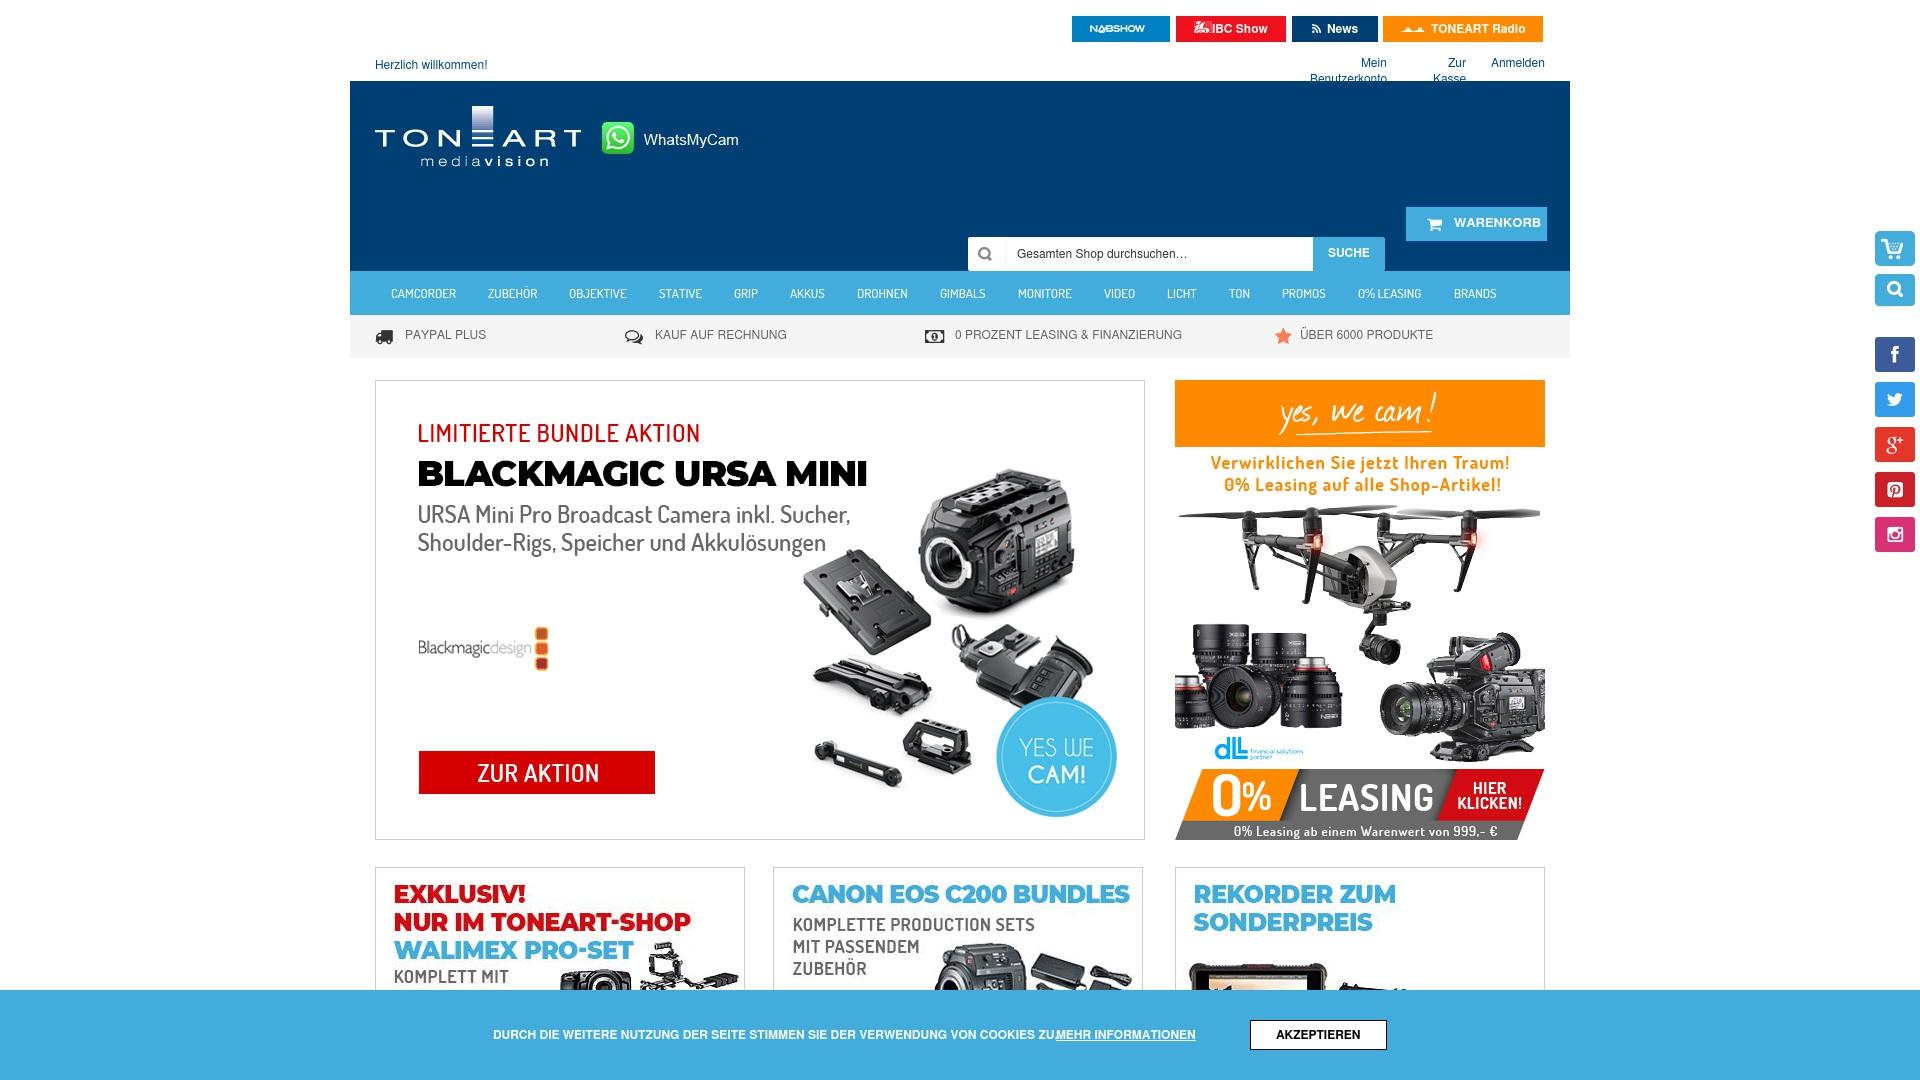 Gutschein für Toneart-shop: Rabatte für  Toneart-shop sichern